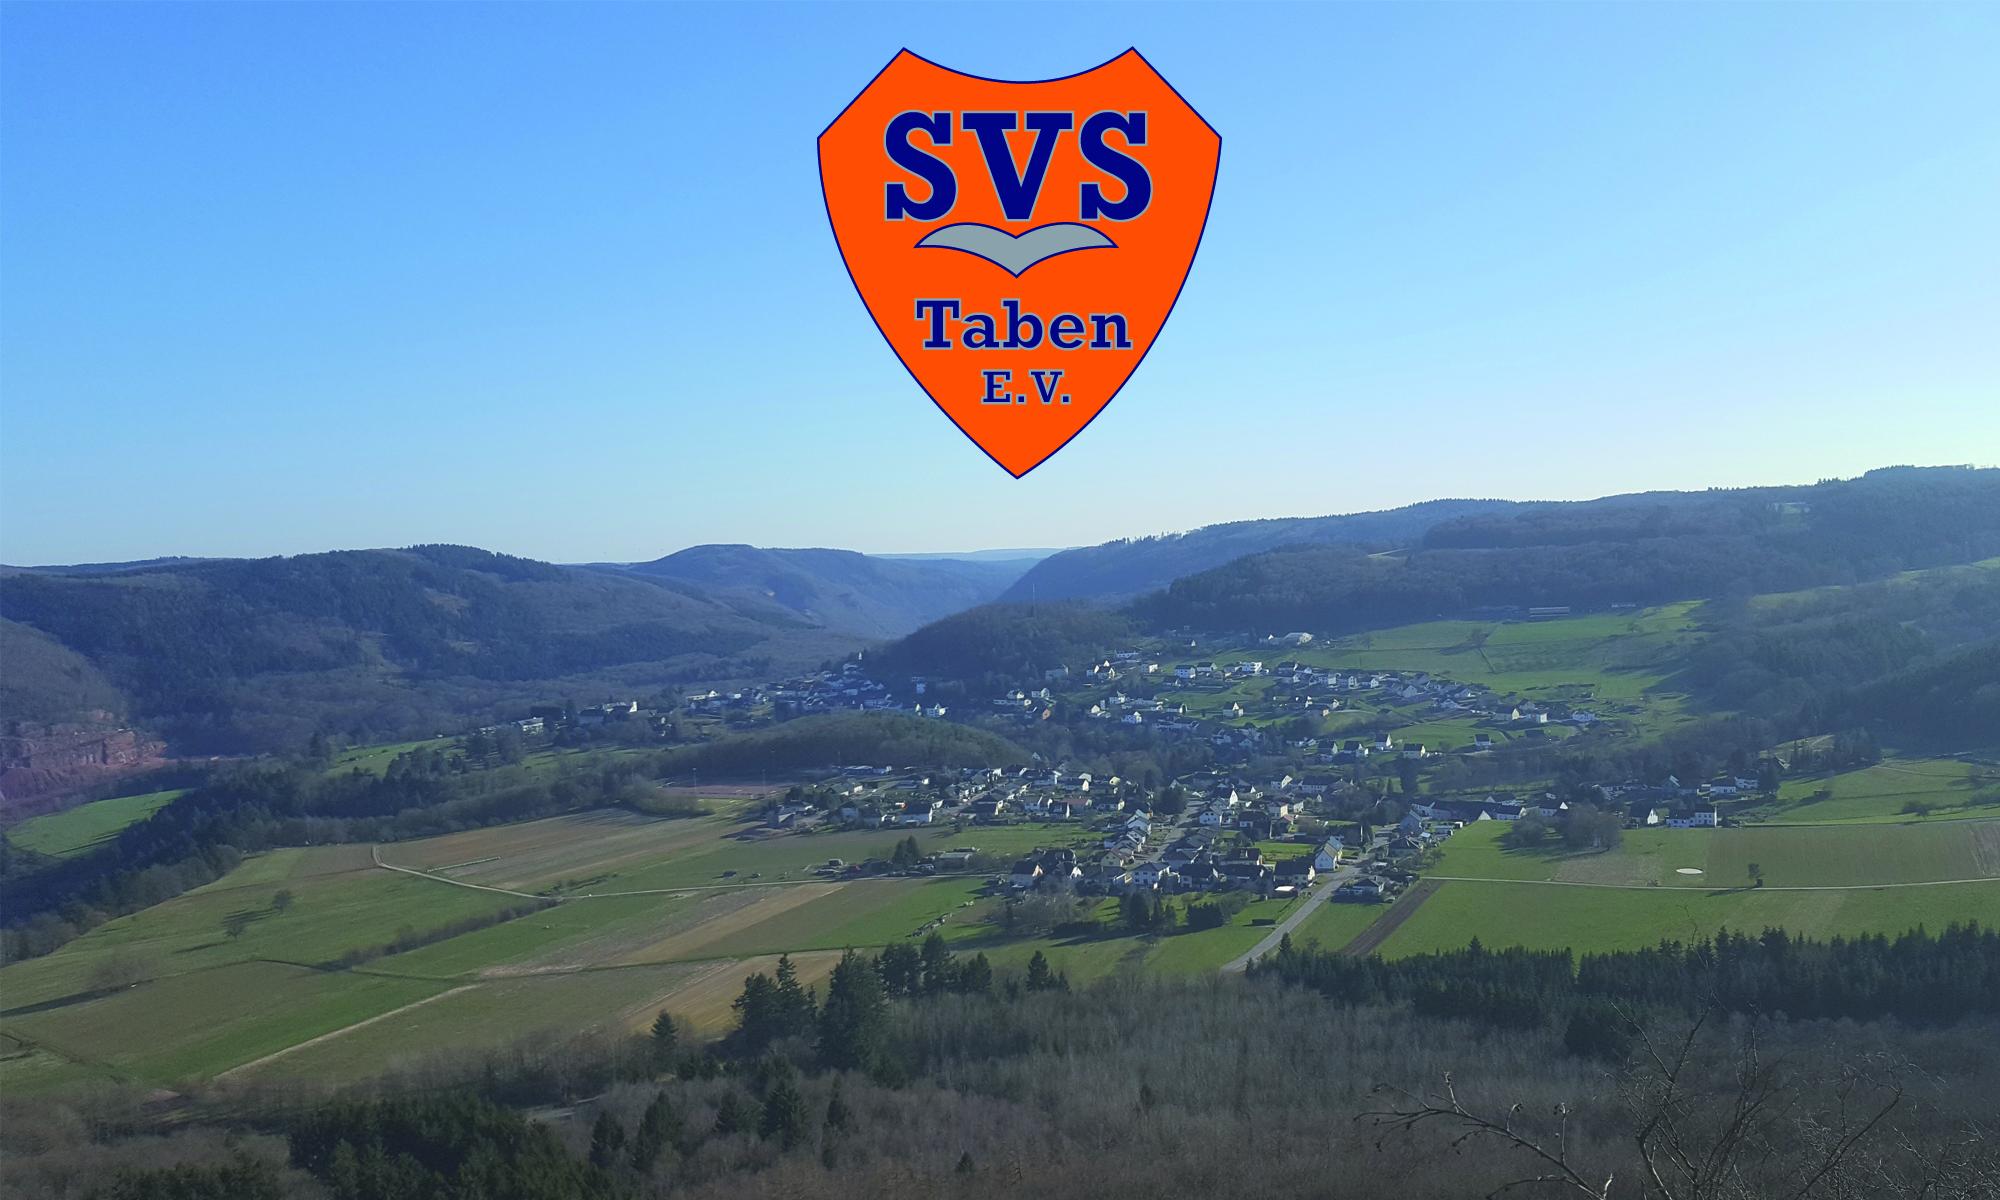 SV Schwalbe Taben